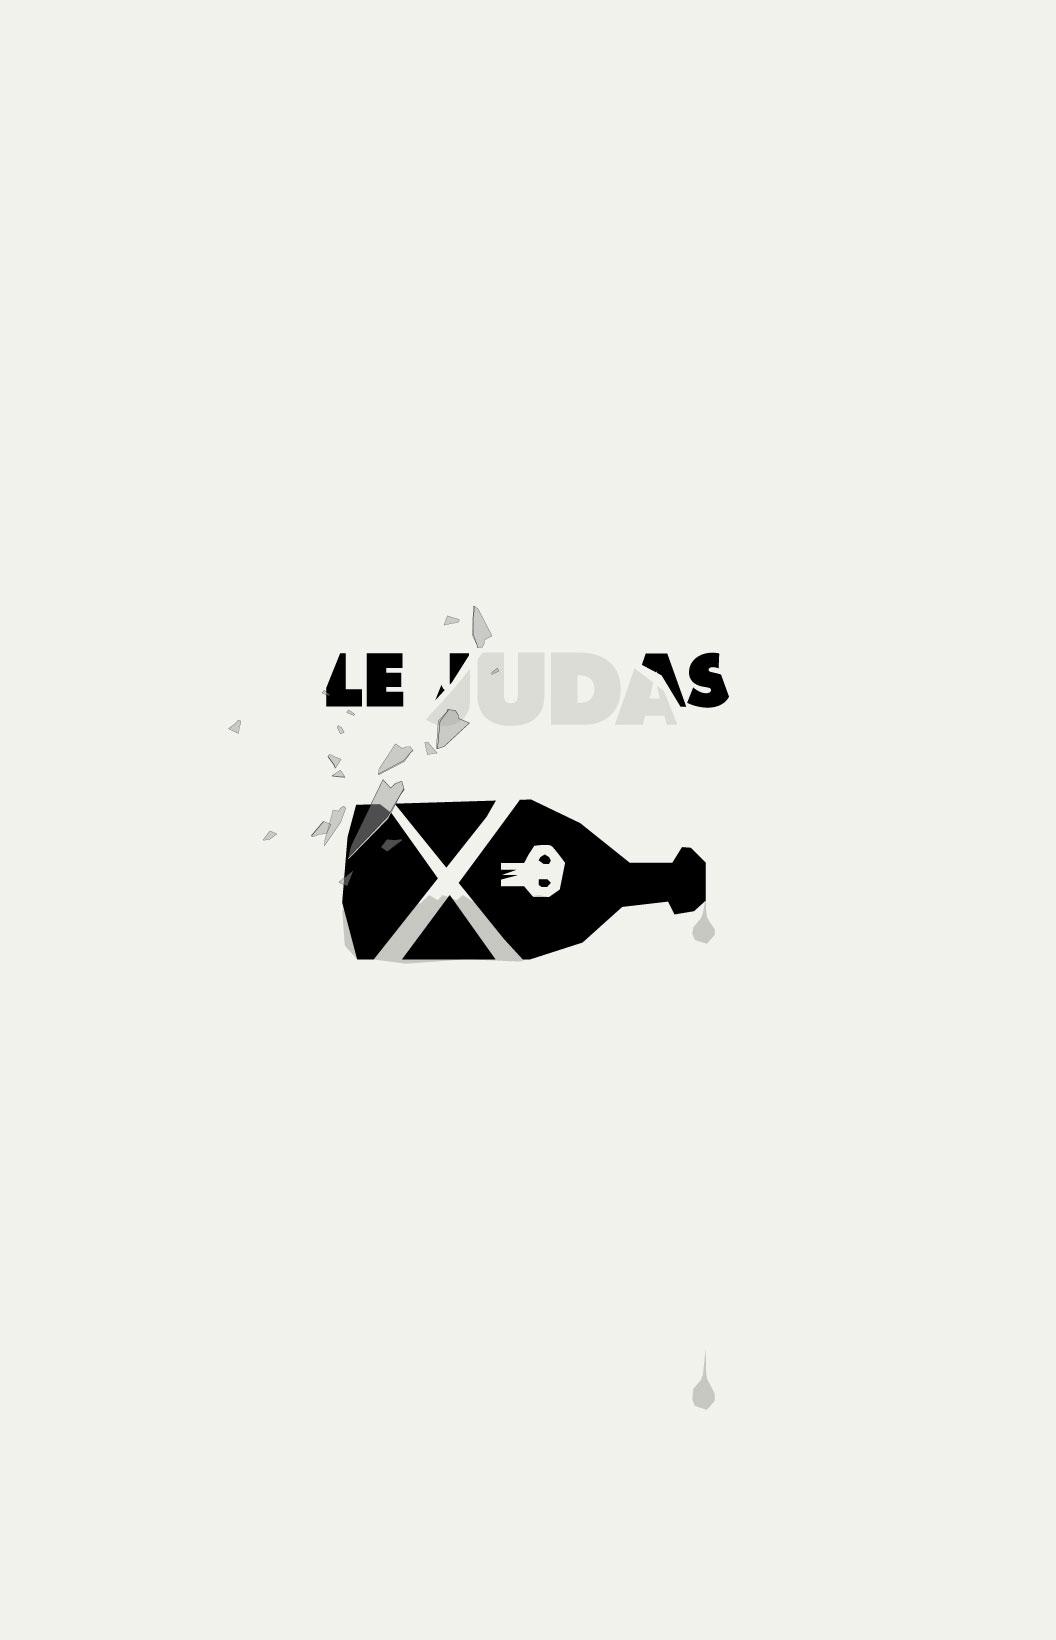 Le Judas